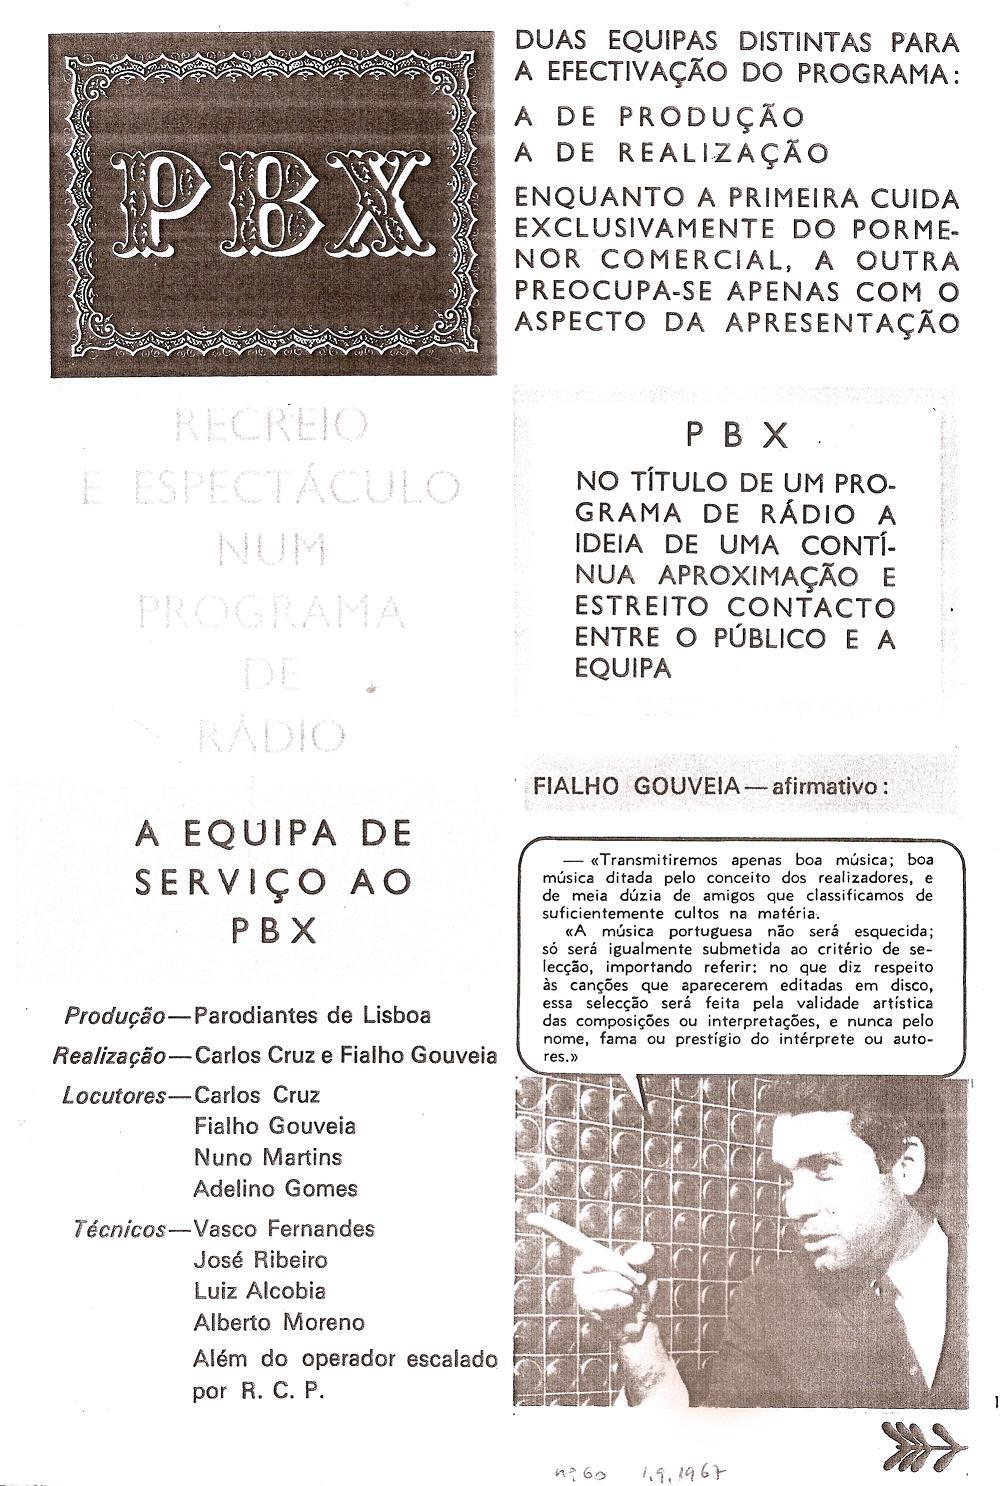 FG (Antena, 1.9.1967, nº 60)